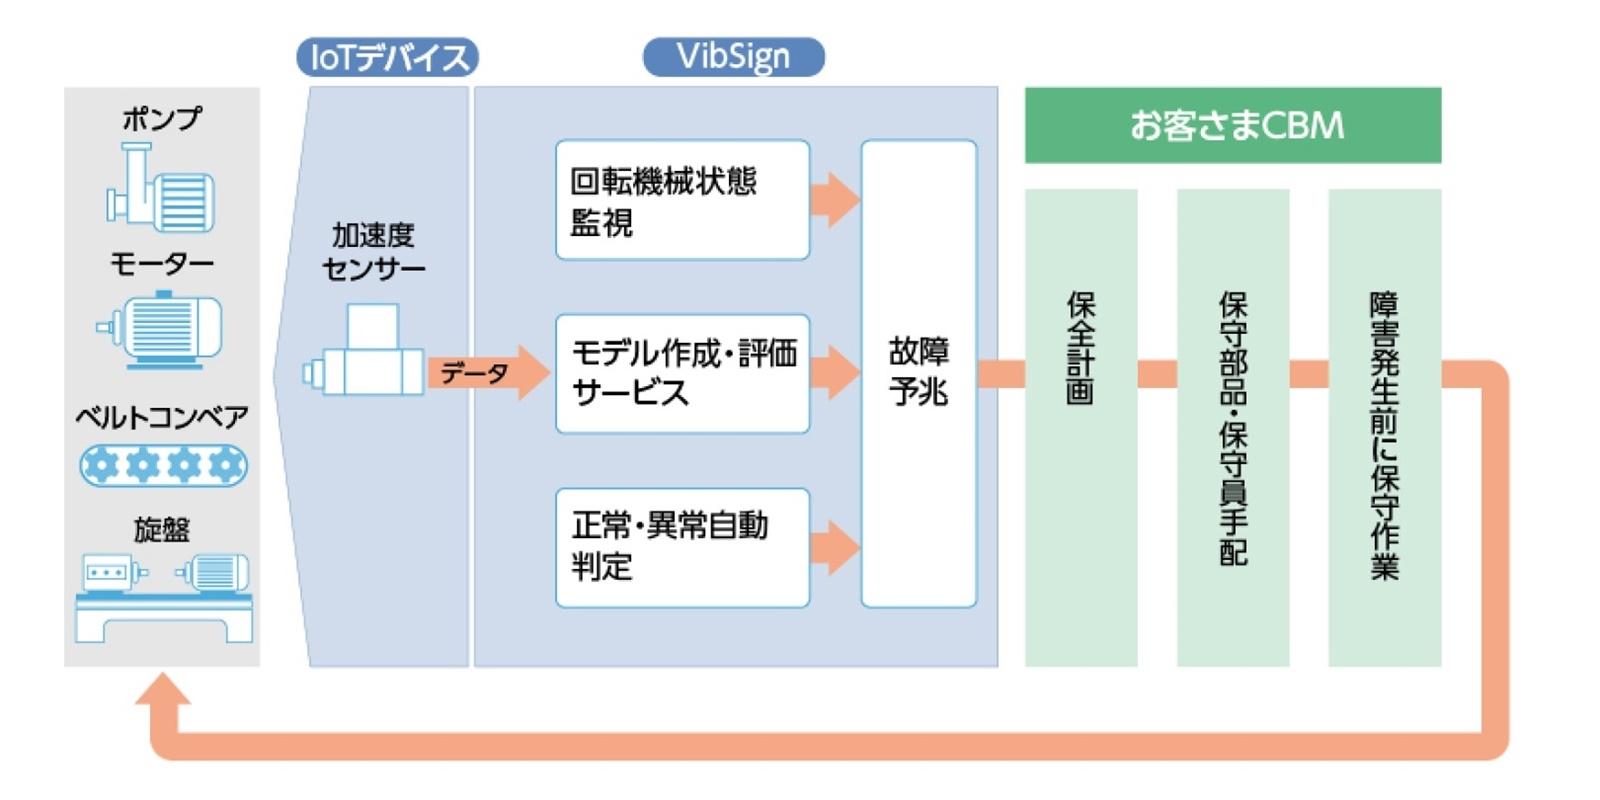 図1:「VibSign」の概要 (出所:日本ユニシス)